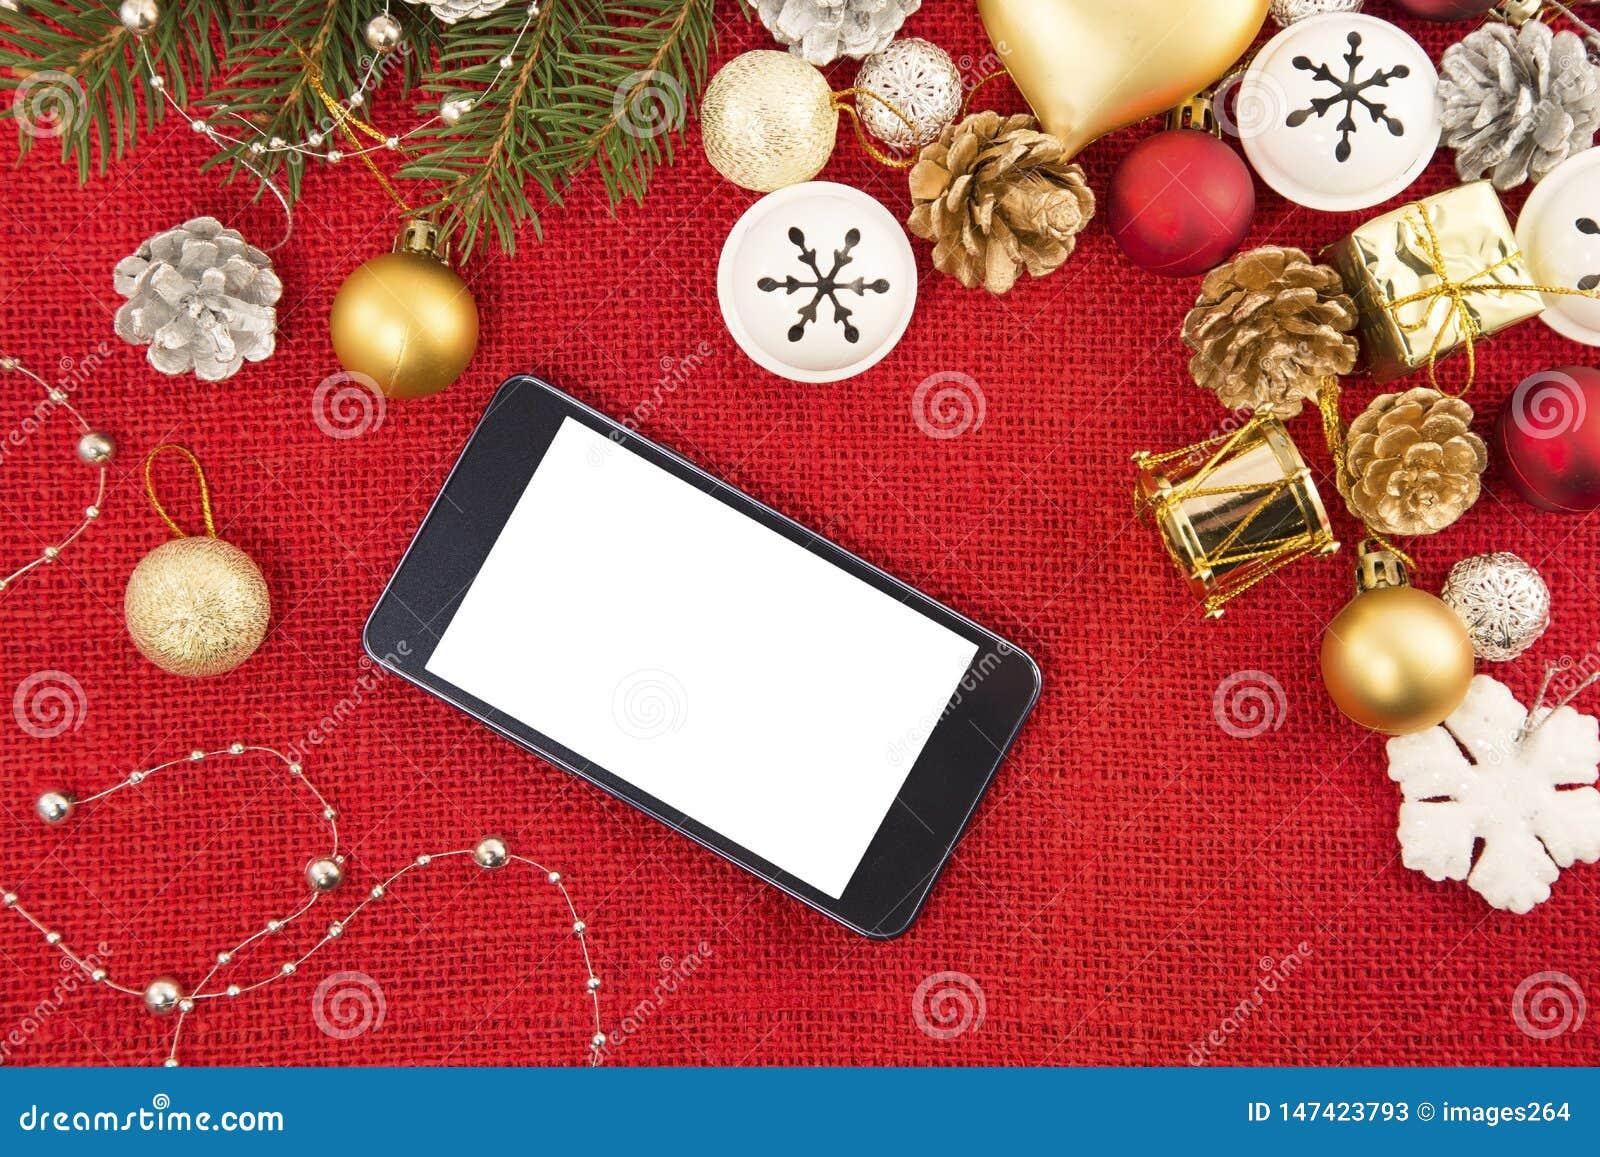 手机和圣诞装饰